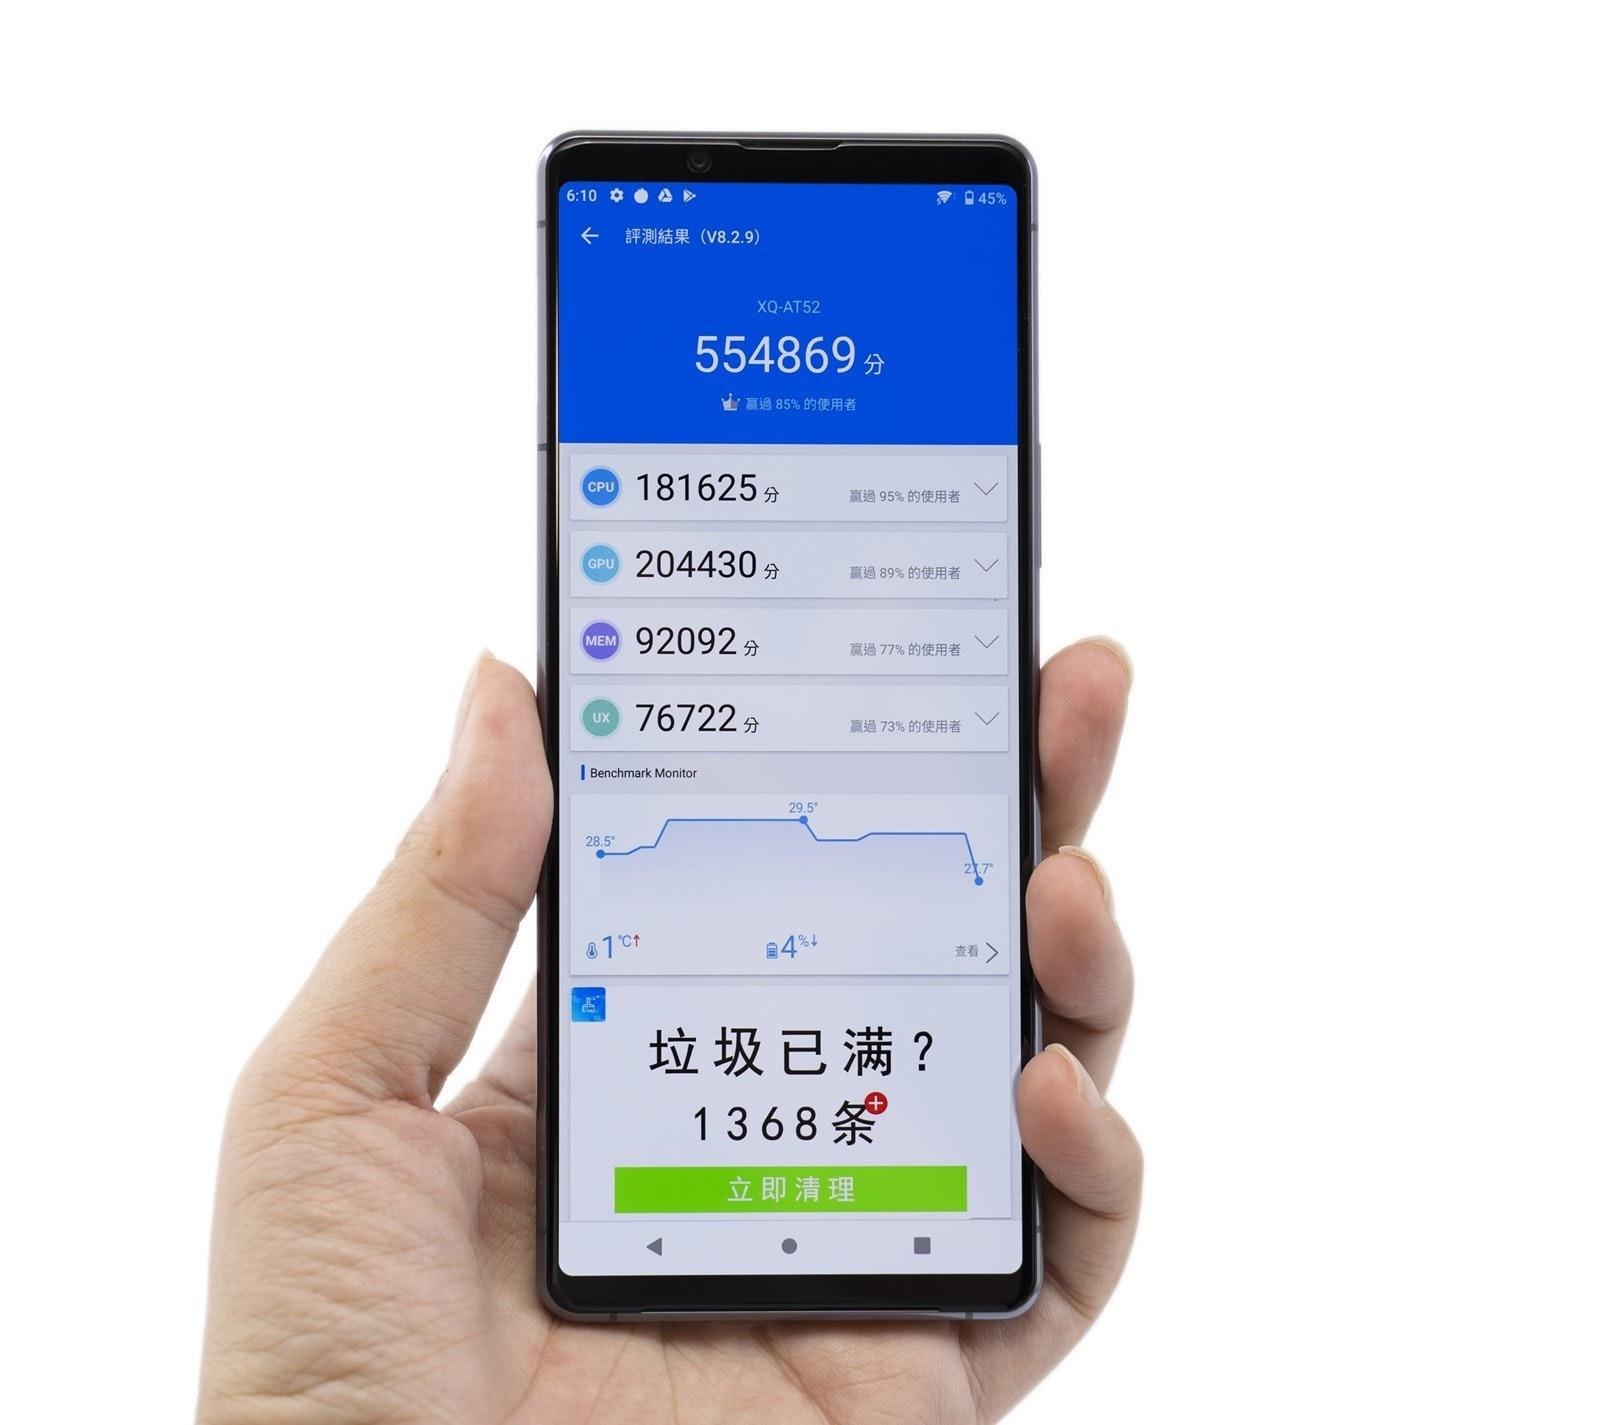 照片中提到了6:10 ¢ 0 A、令045%、評測結果(V8.2.9),包含了功能手機、功能手機、手機、移動設備、蜂窩網絡